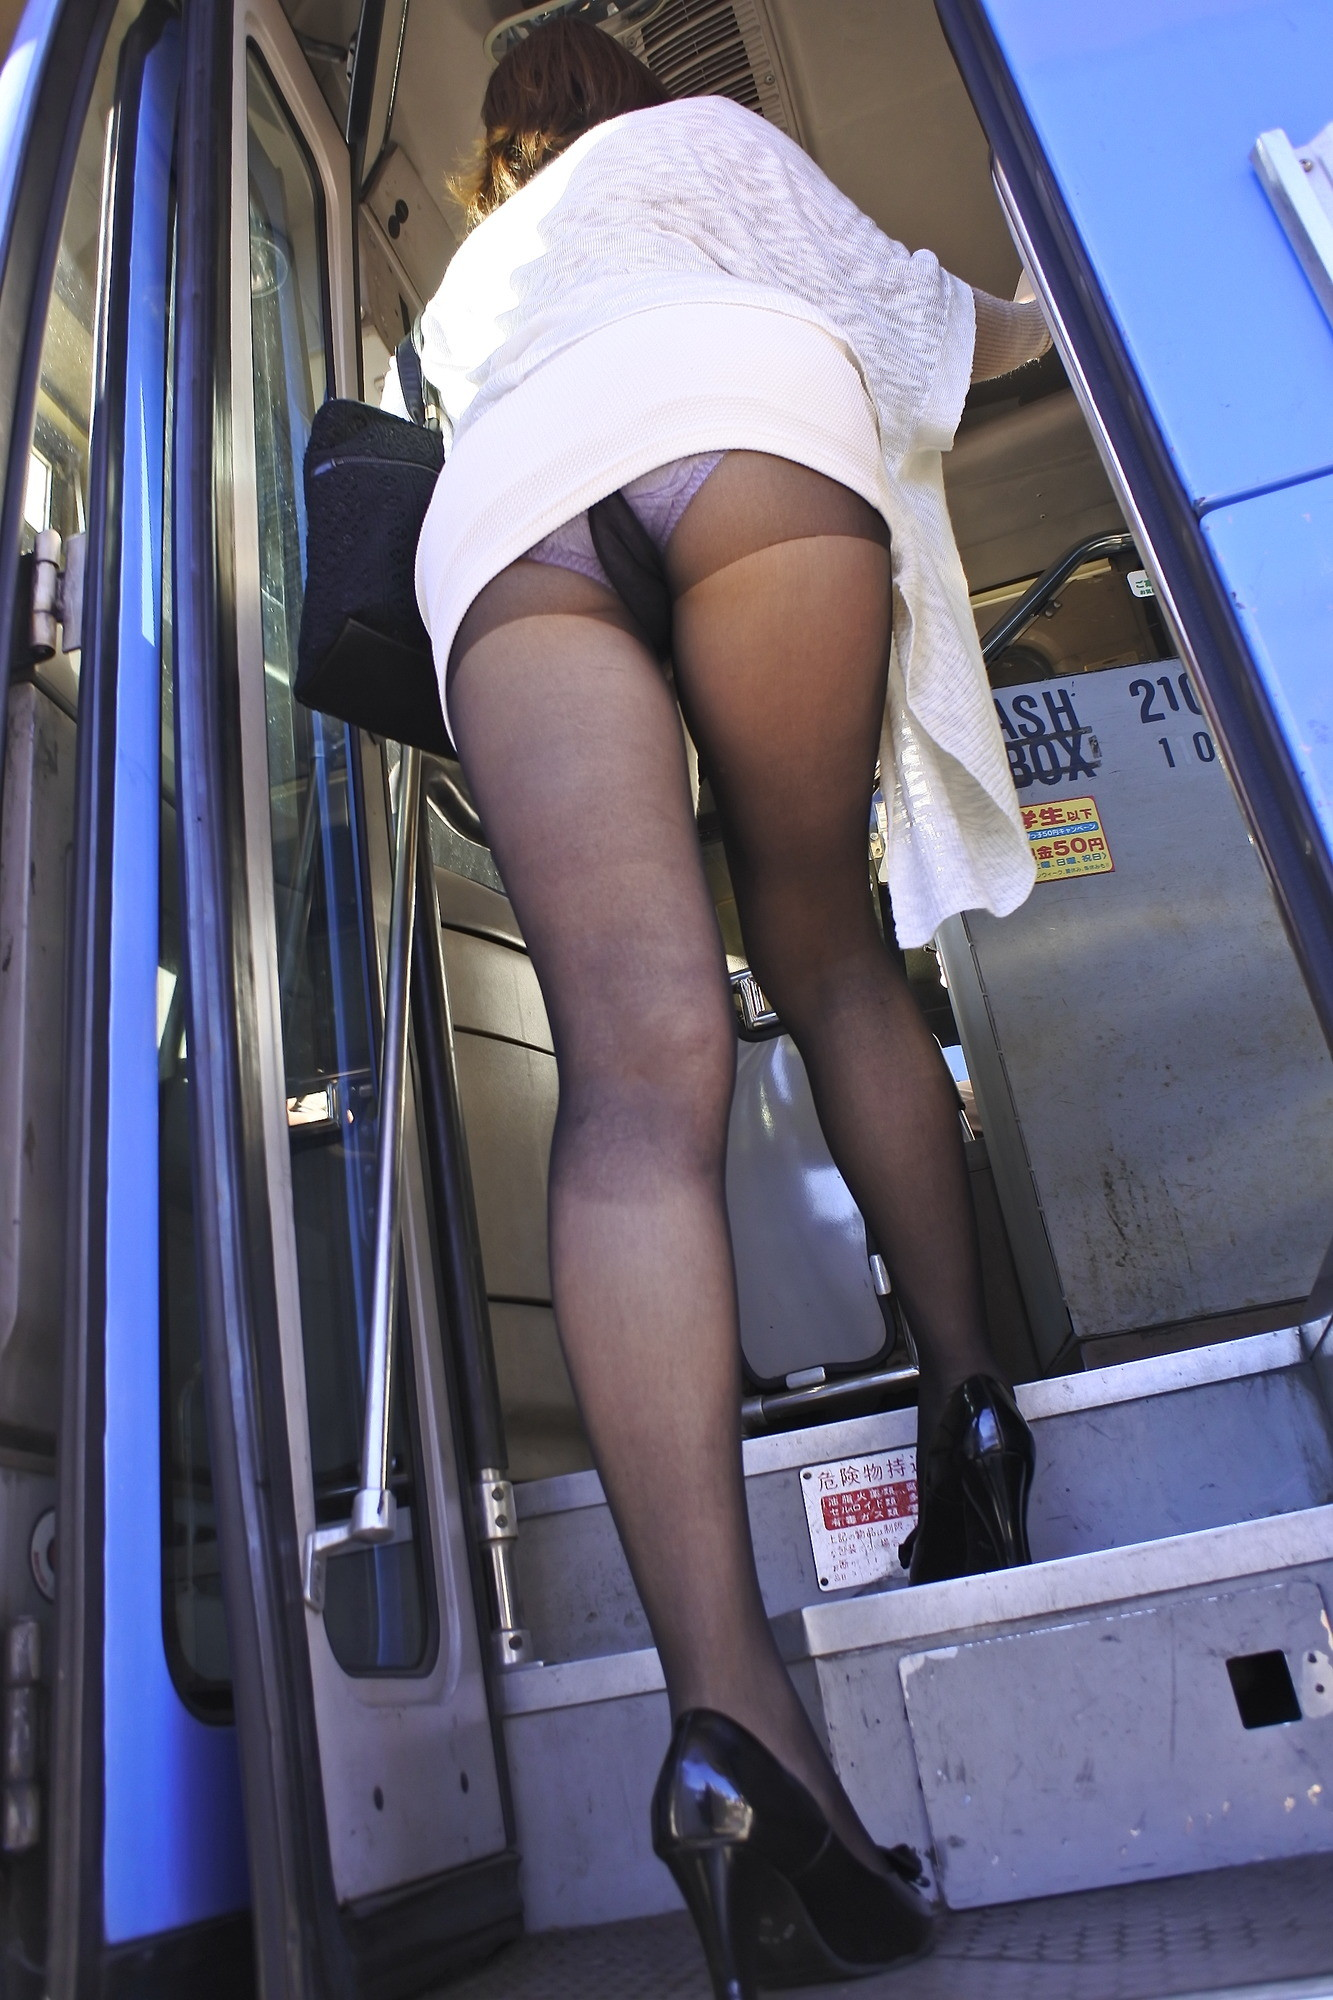 むちむち黒パンスト尻OLで満員のバスに、初心な思春期男子学生が乗ってきた。ムラムラしたお姉さん達のデカ尻が密着して反応してしまう元気チ〇コ。我慢できないお姉さん達は、自らパンストの中にチ〇コ導きその場でハメさせてしまったぁ!